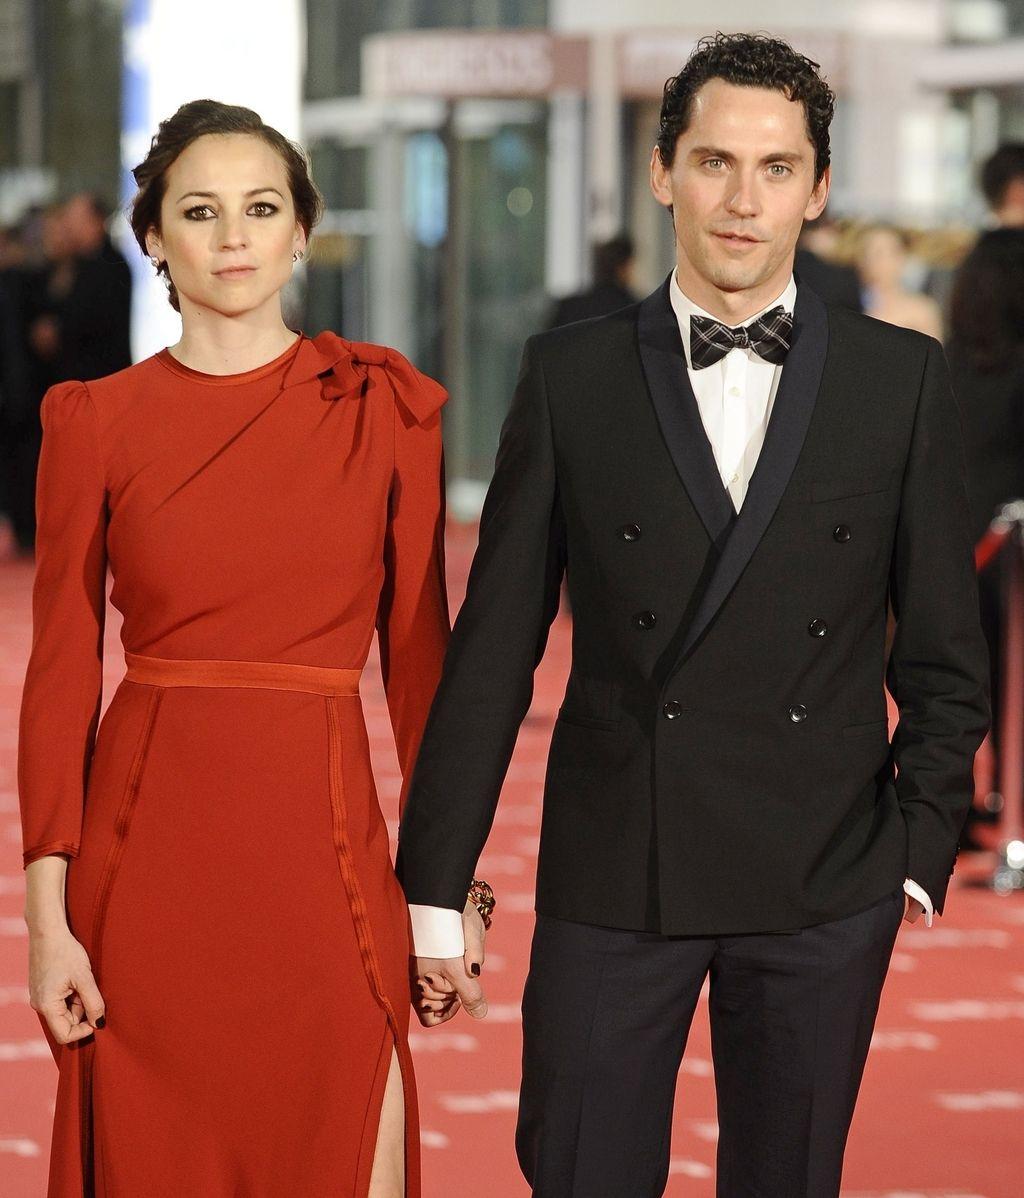 La actriz y cantante Leonor Watling junto con el actor Paco León